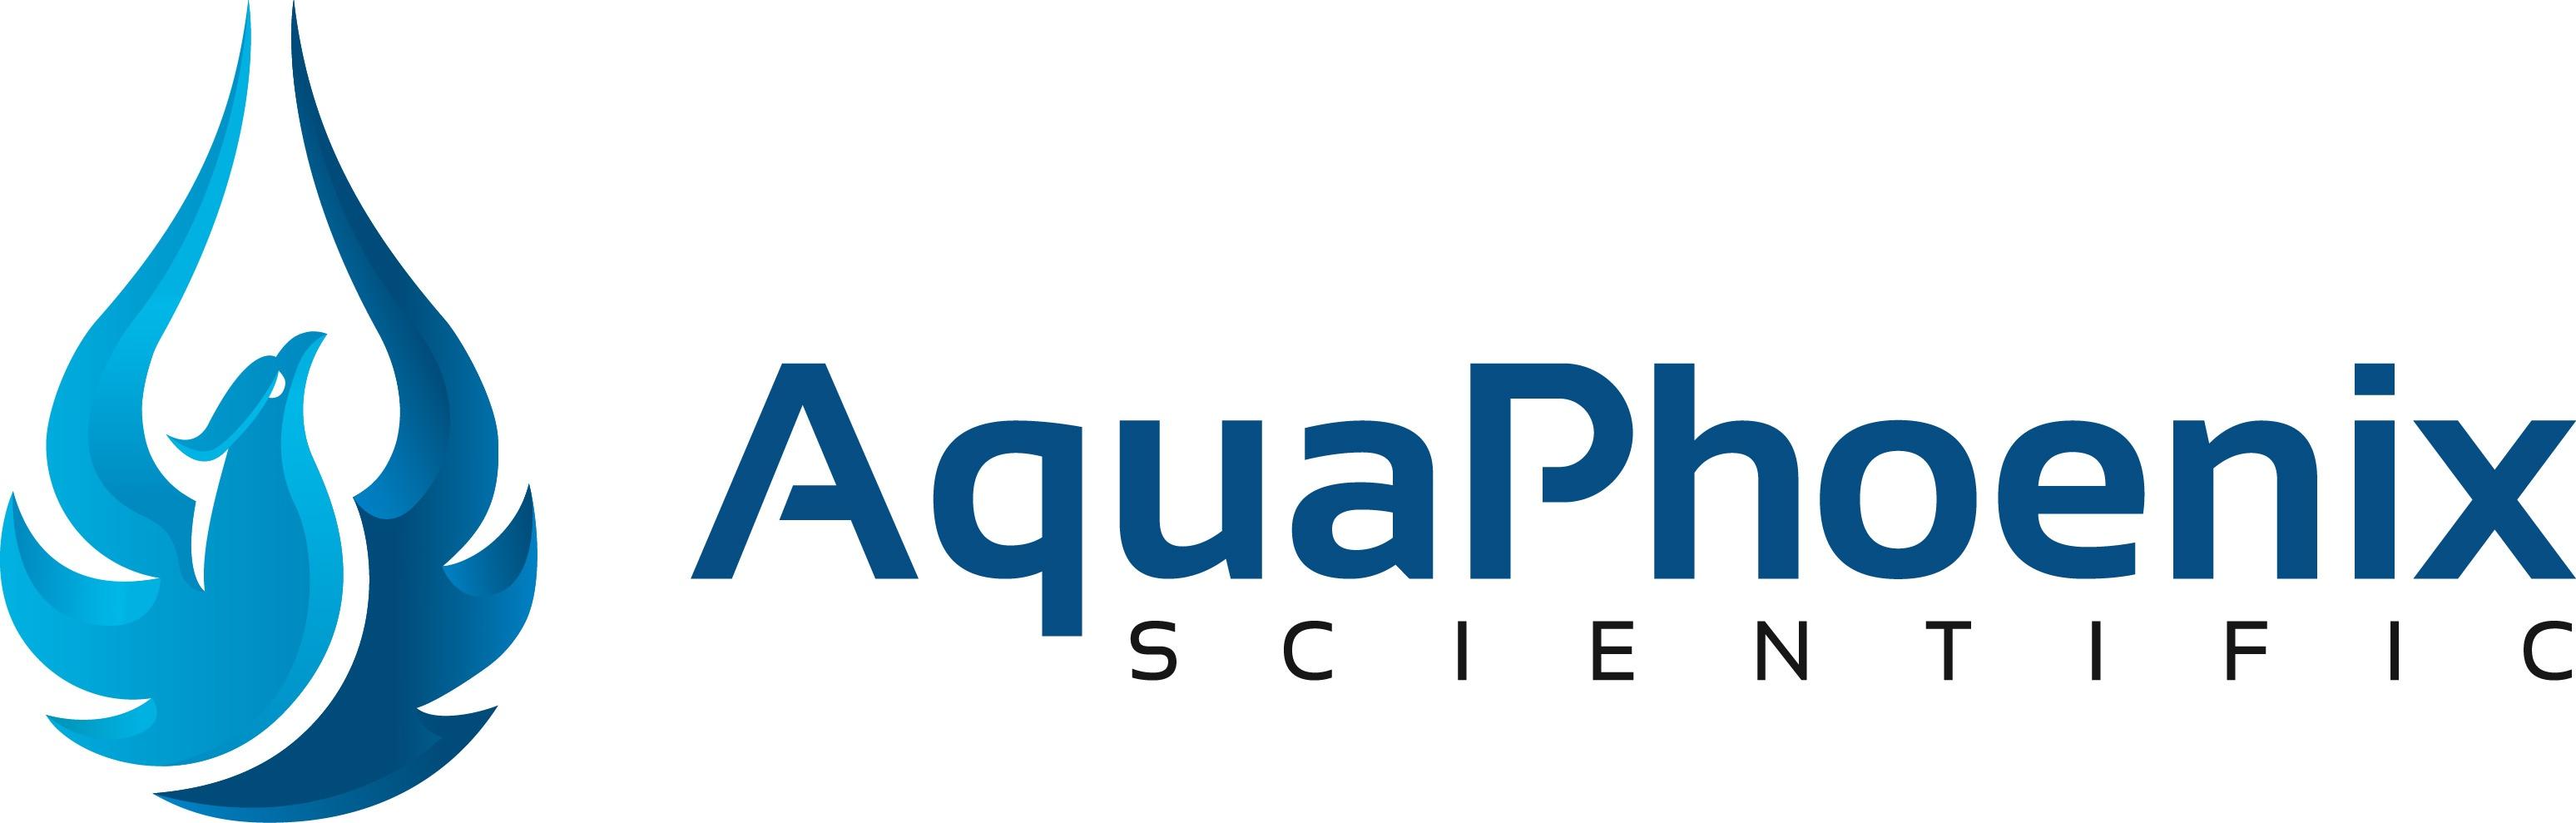 AquaPhoenix Logo